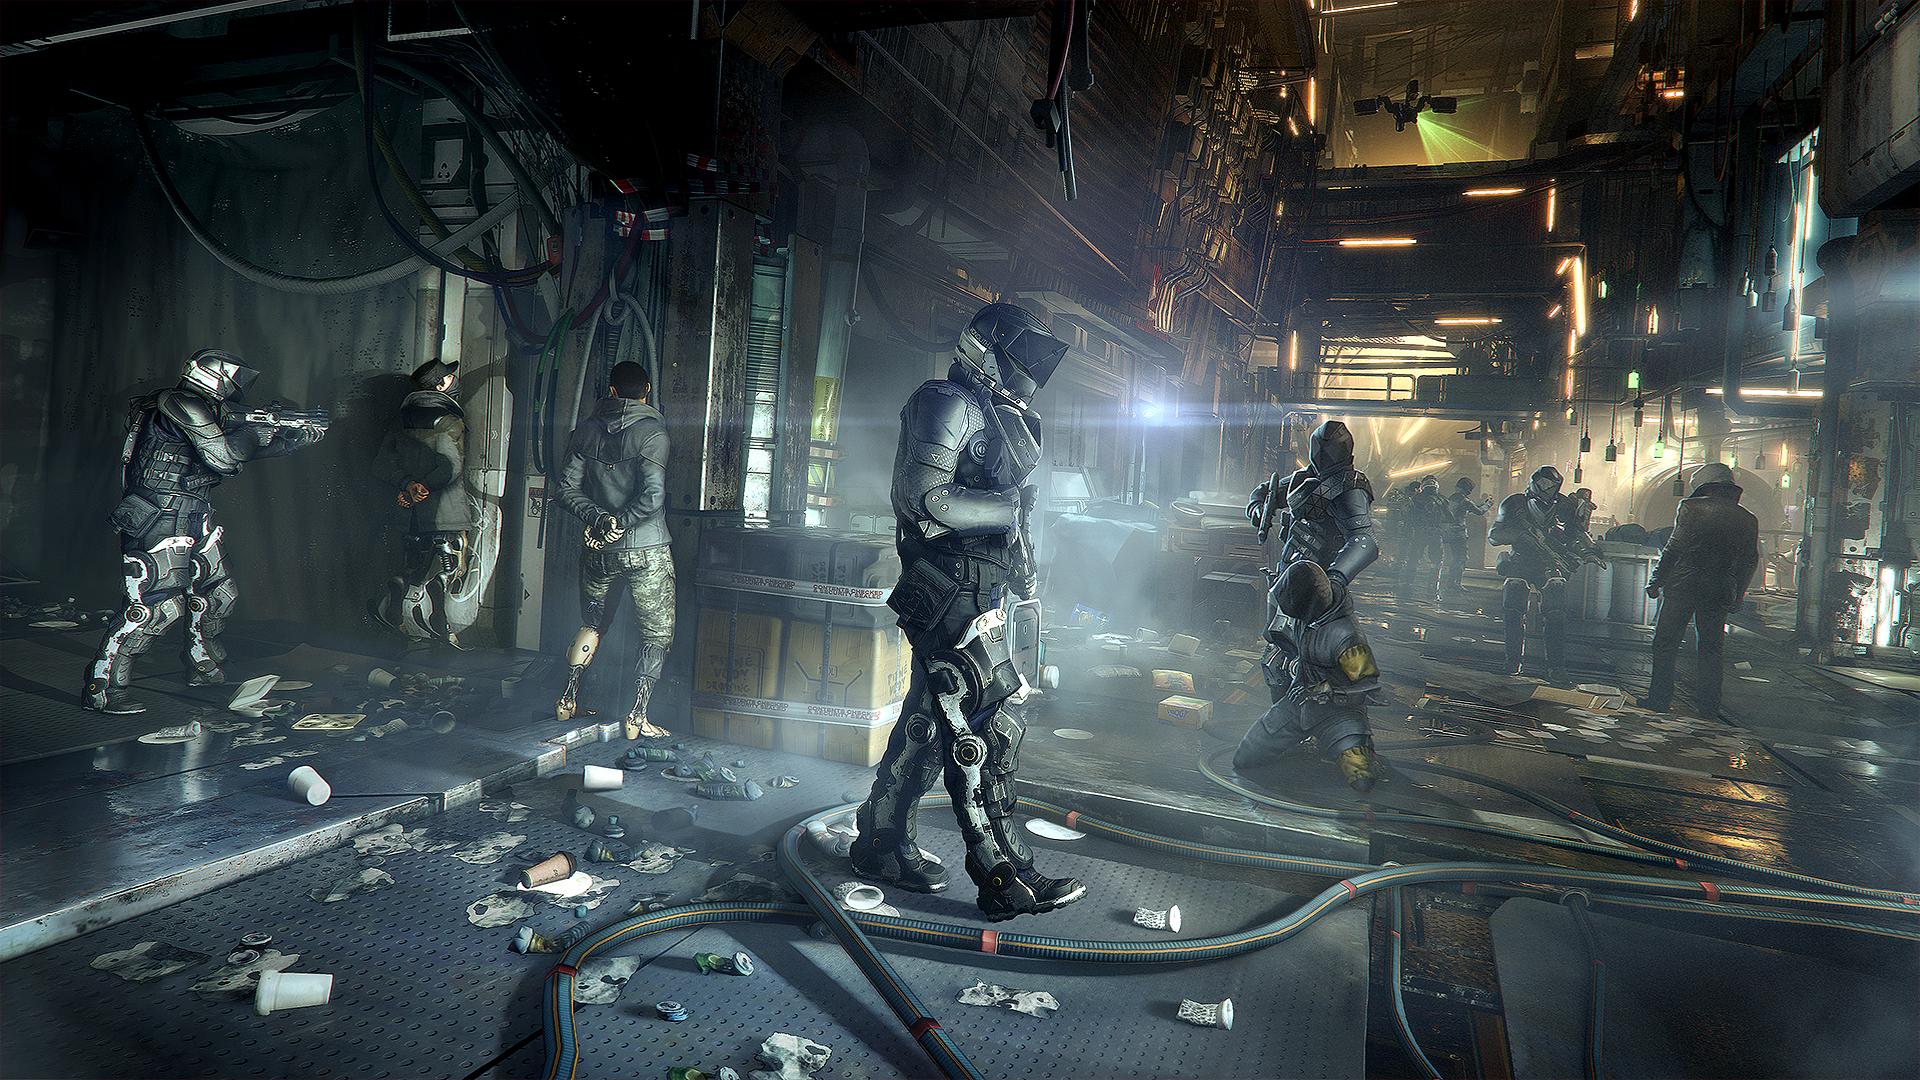 Množství obrazových materiálů z Deus Ex: Mankind Divided 111622